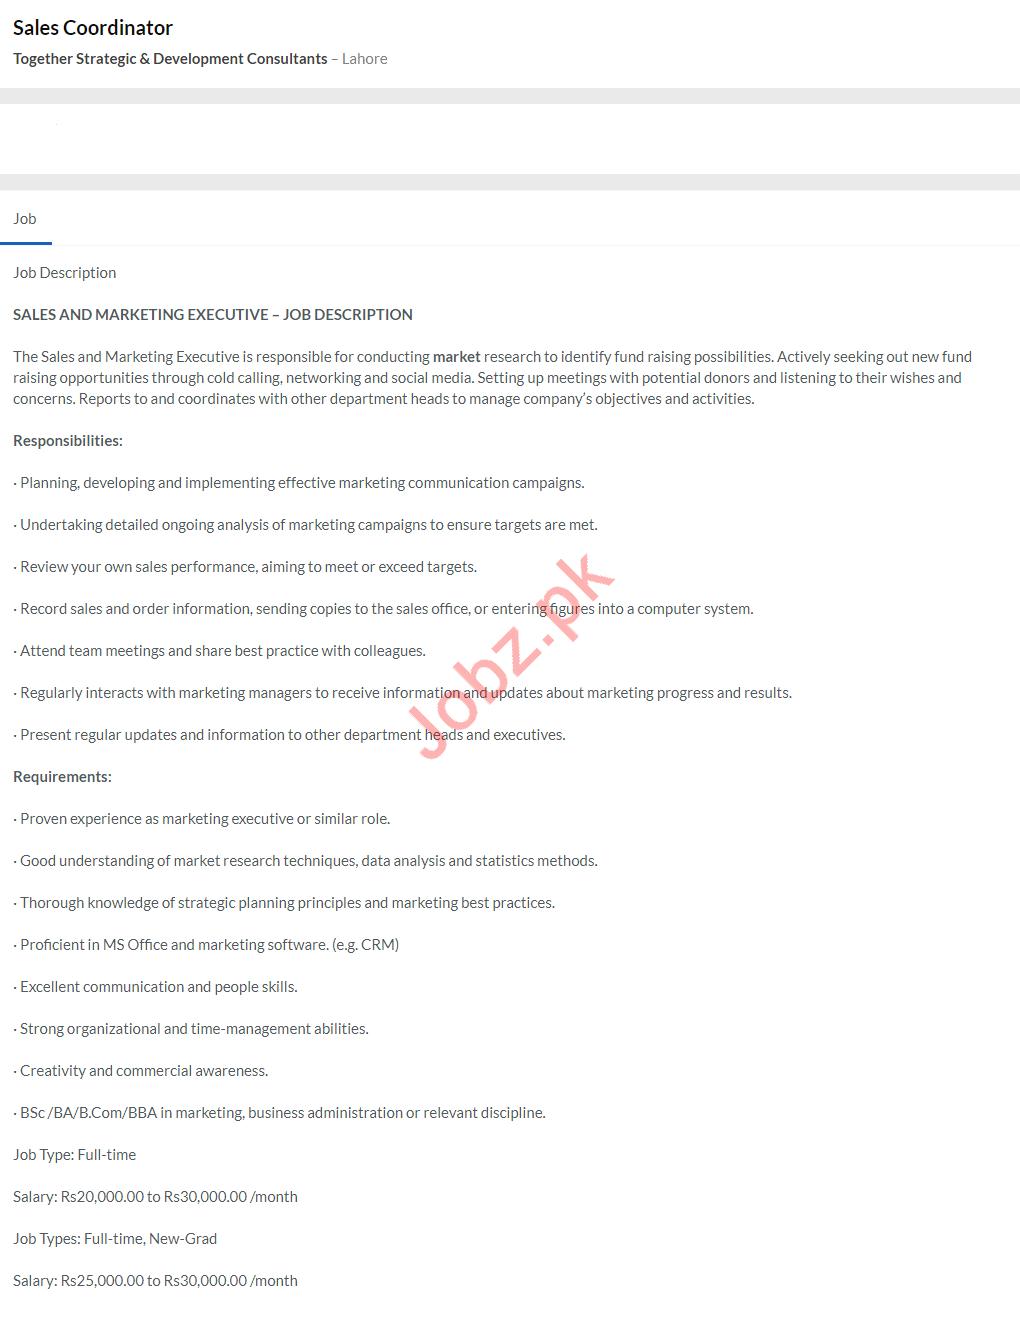 Sales Coordinator Job 2020 in Lahore